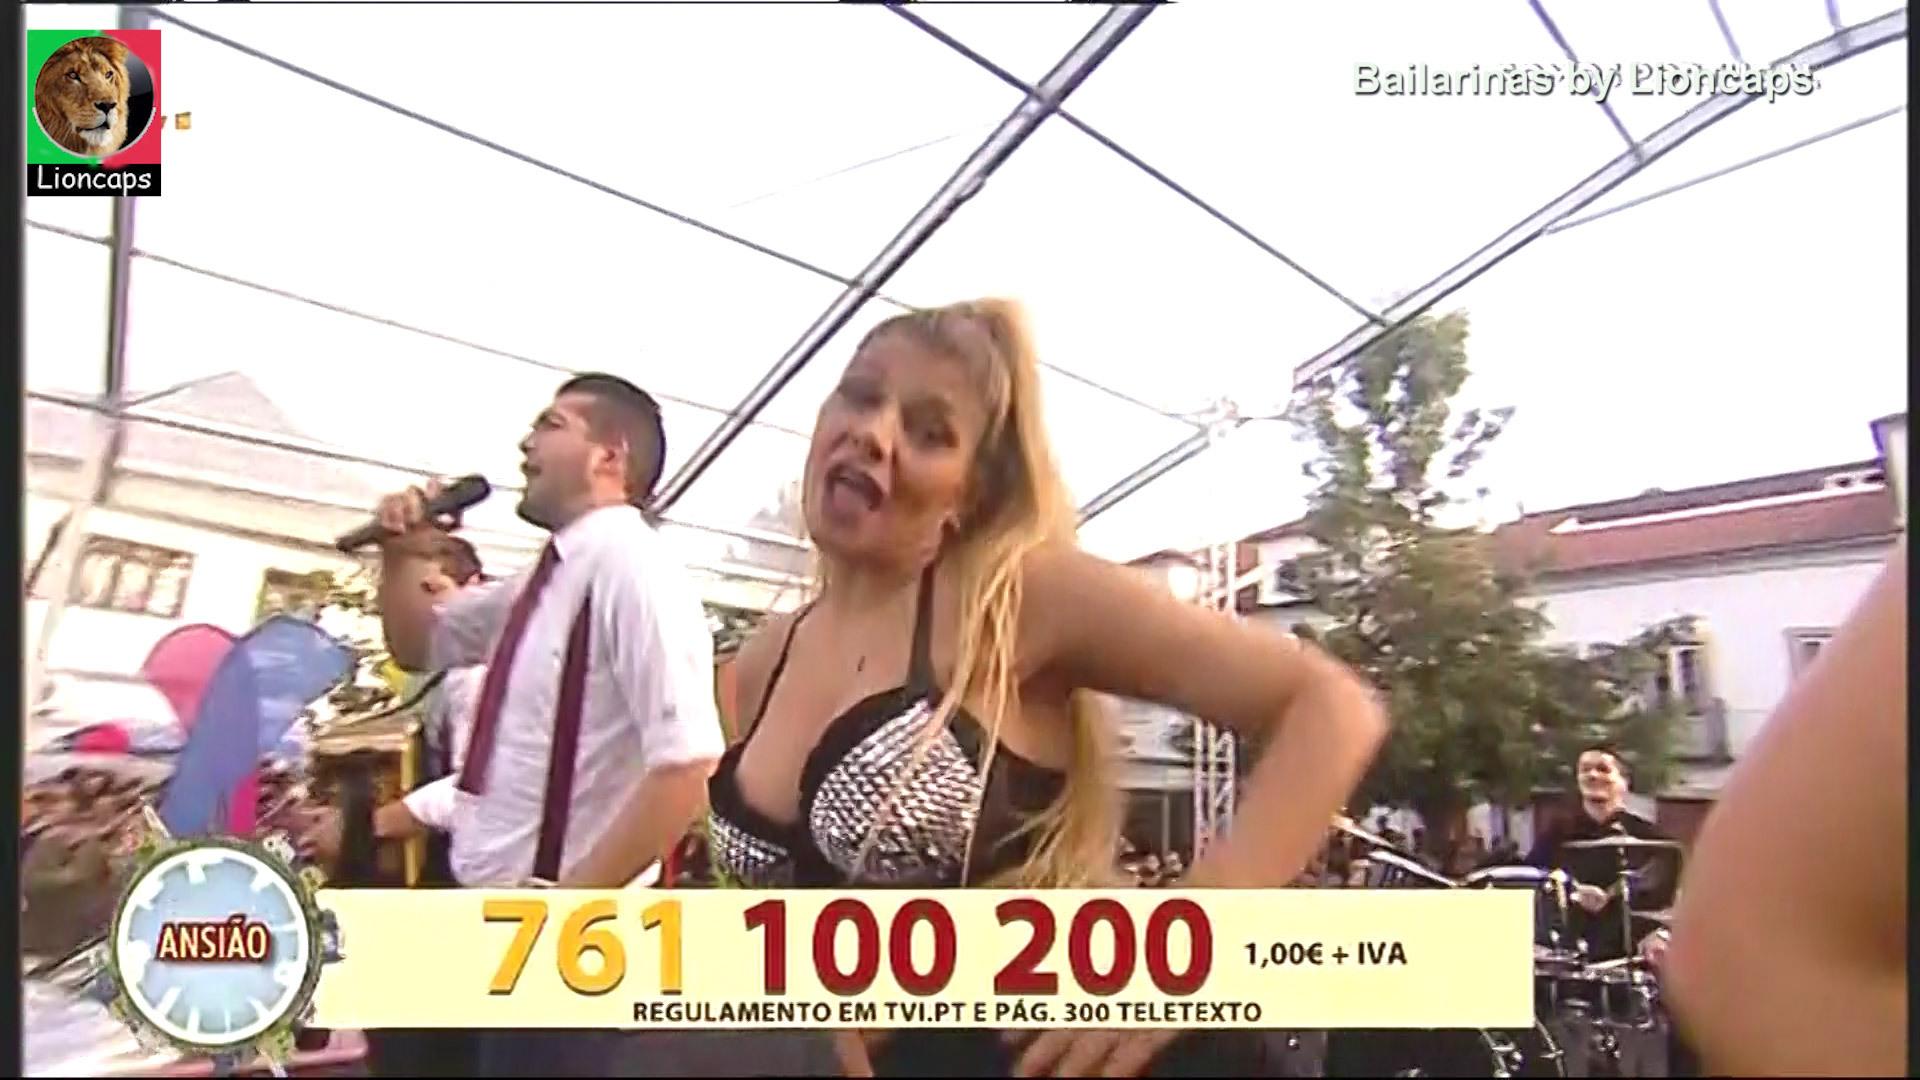 bailarinas (78).jpg